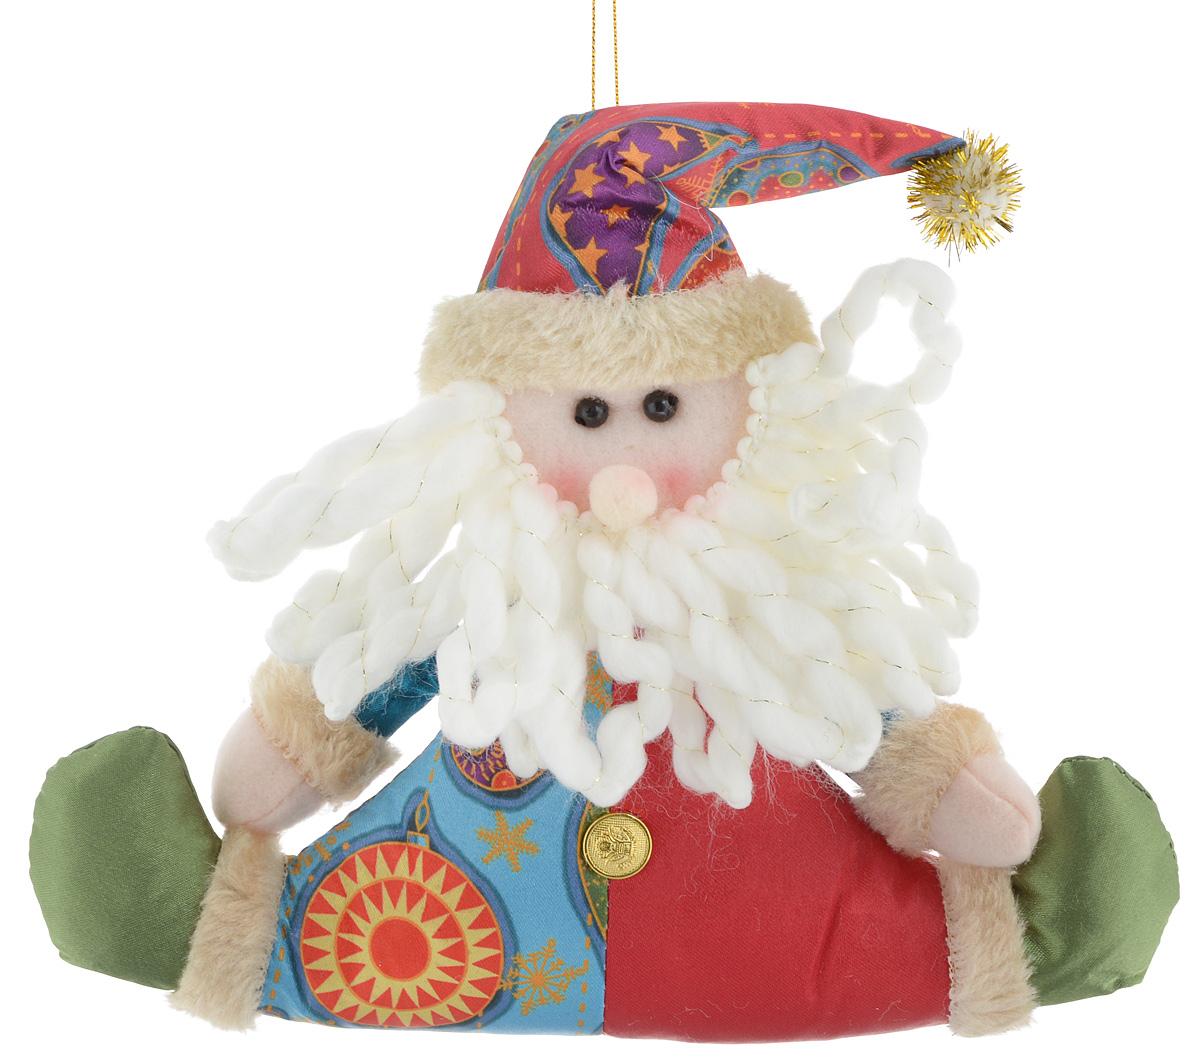 Украшение новогоднее подвесное Win Max Дед Мороз, 17 х 20,5 смC0038550Новогоднее подвесное украшение Win Max Дед Мороз, выполненное из синтепона и текстиля, прекрасно подойдет для праздничного декора дома. С помощью специальной петельки украшение можно подвесить в любом понравившемся вам месте. Новогодние украшения несут в себе волшебство и красоту праздника. Они помогут вам украсить дом к предстоящим праздникам и оживить интерьер по вашему вкусу. Создайте в доме атмосферу тепла, веселья и радости, украшая его всей семьей.